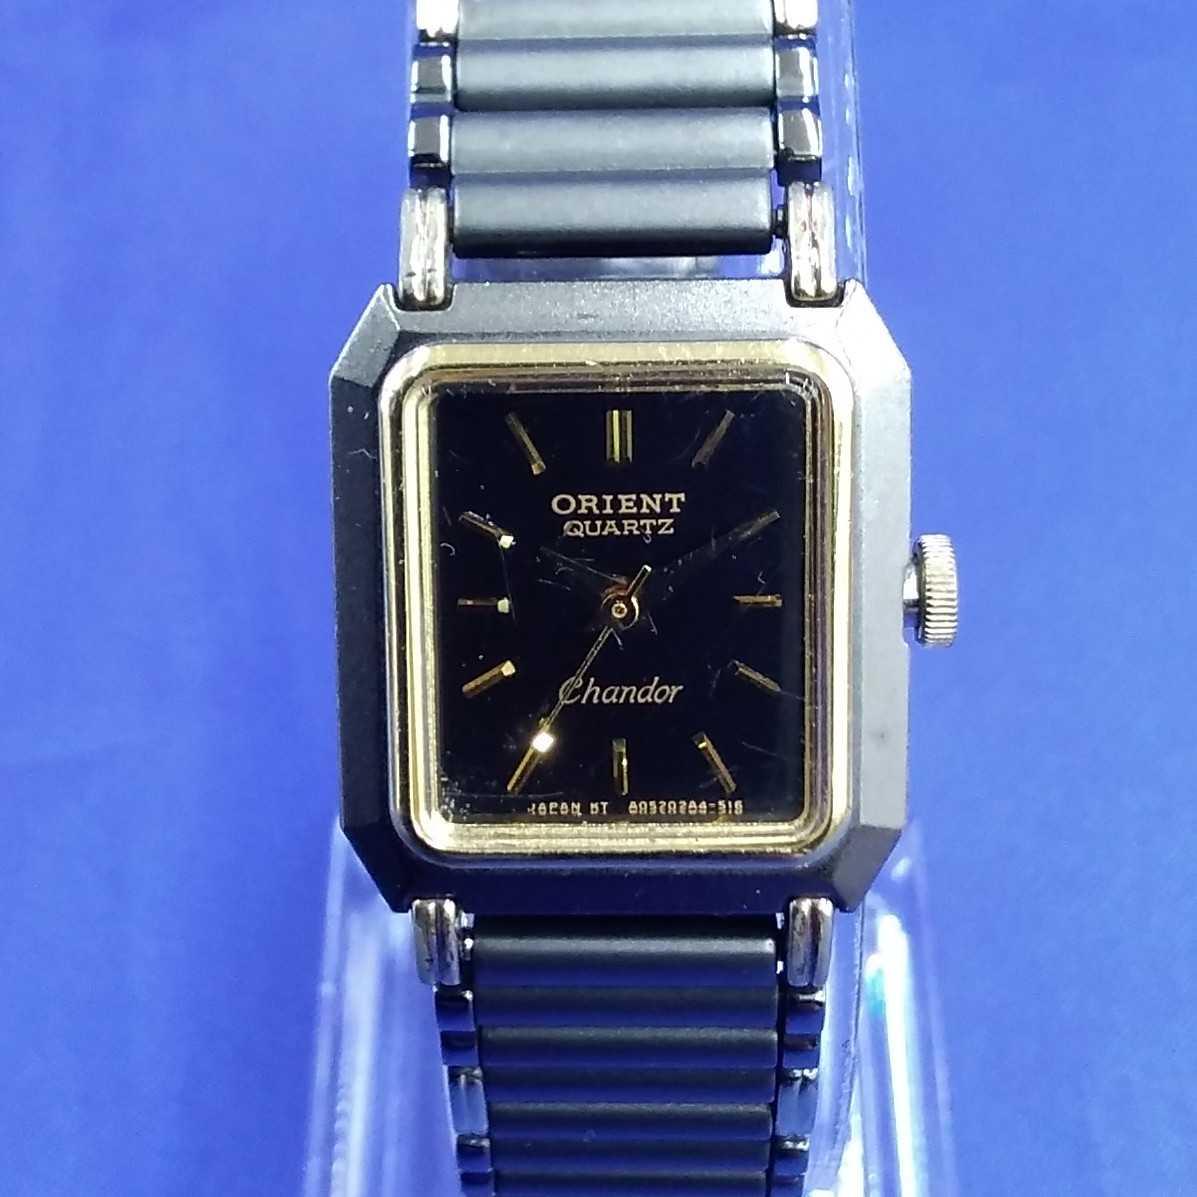 ORIENT chandor クォーツ腕時計 ORIENT